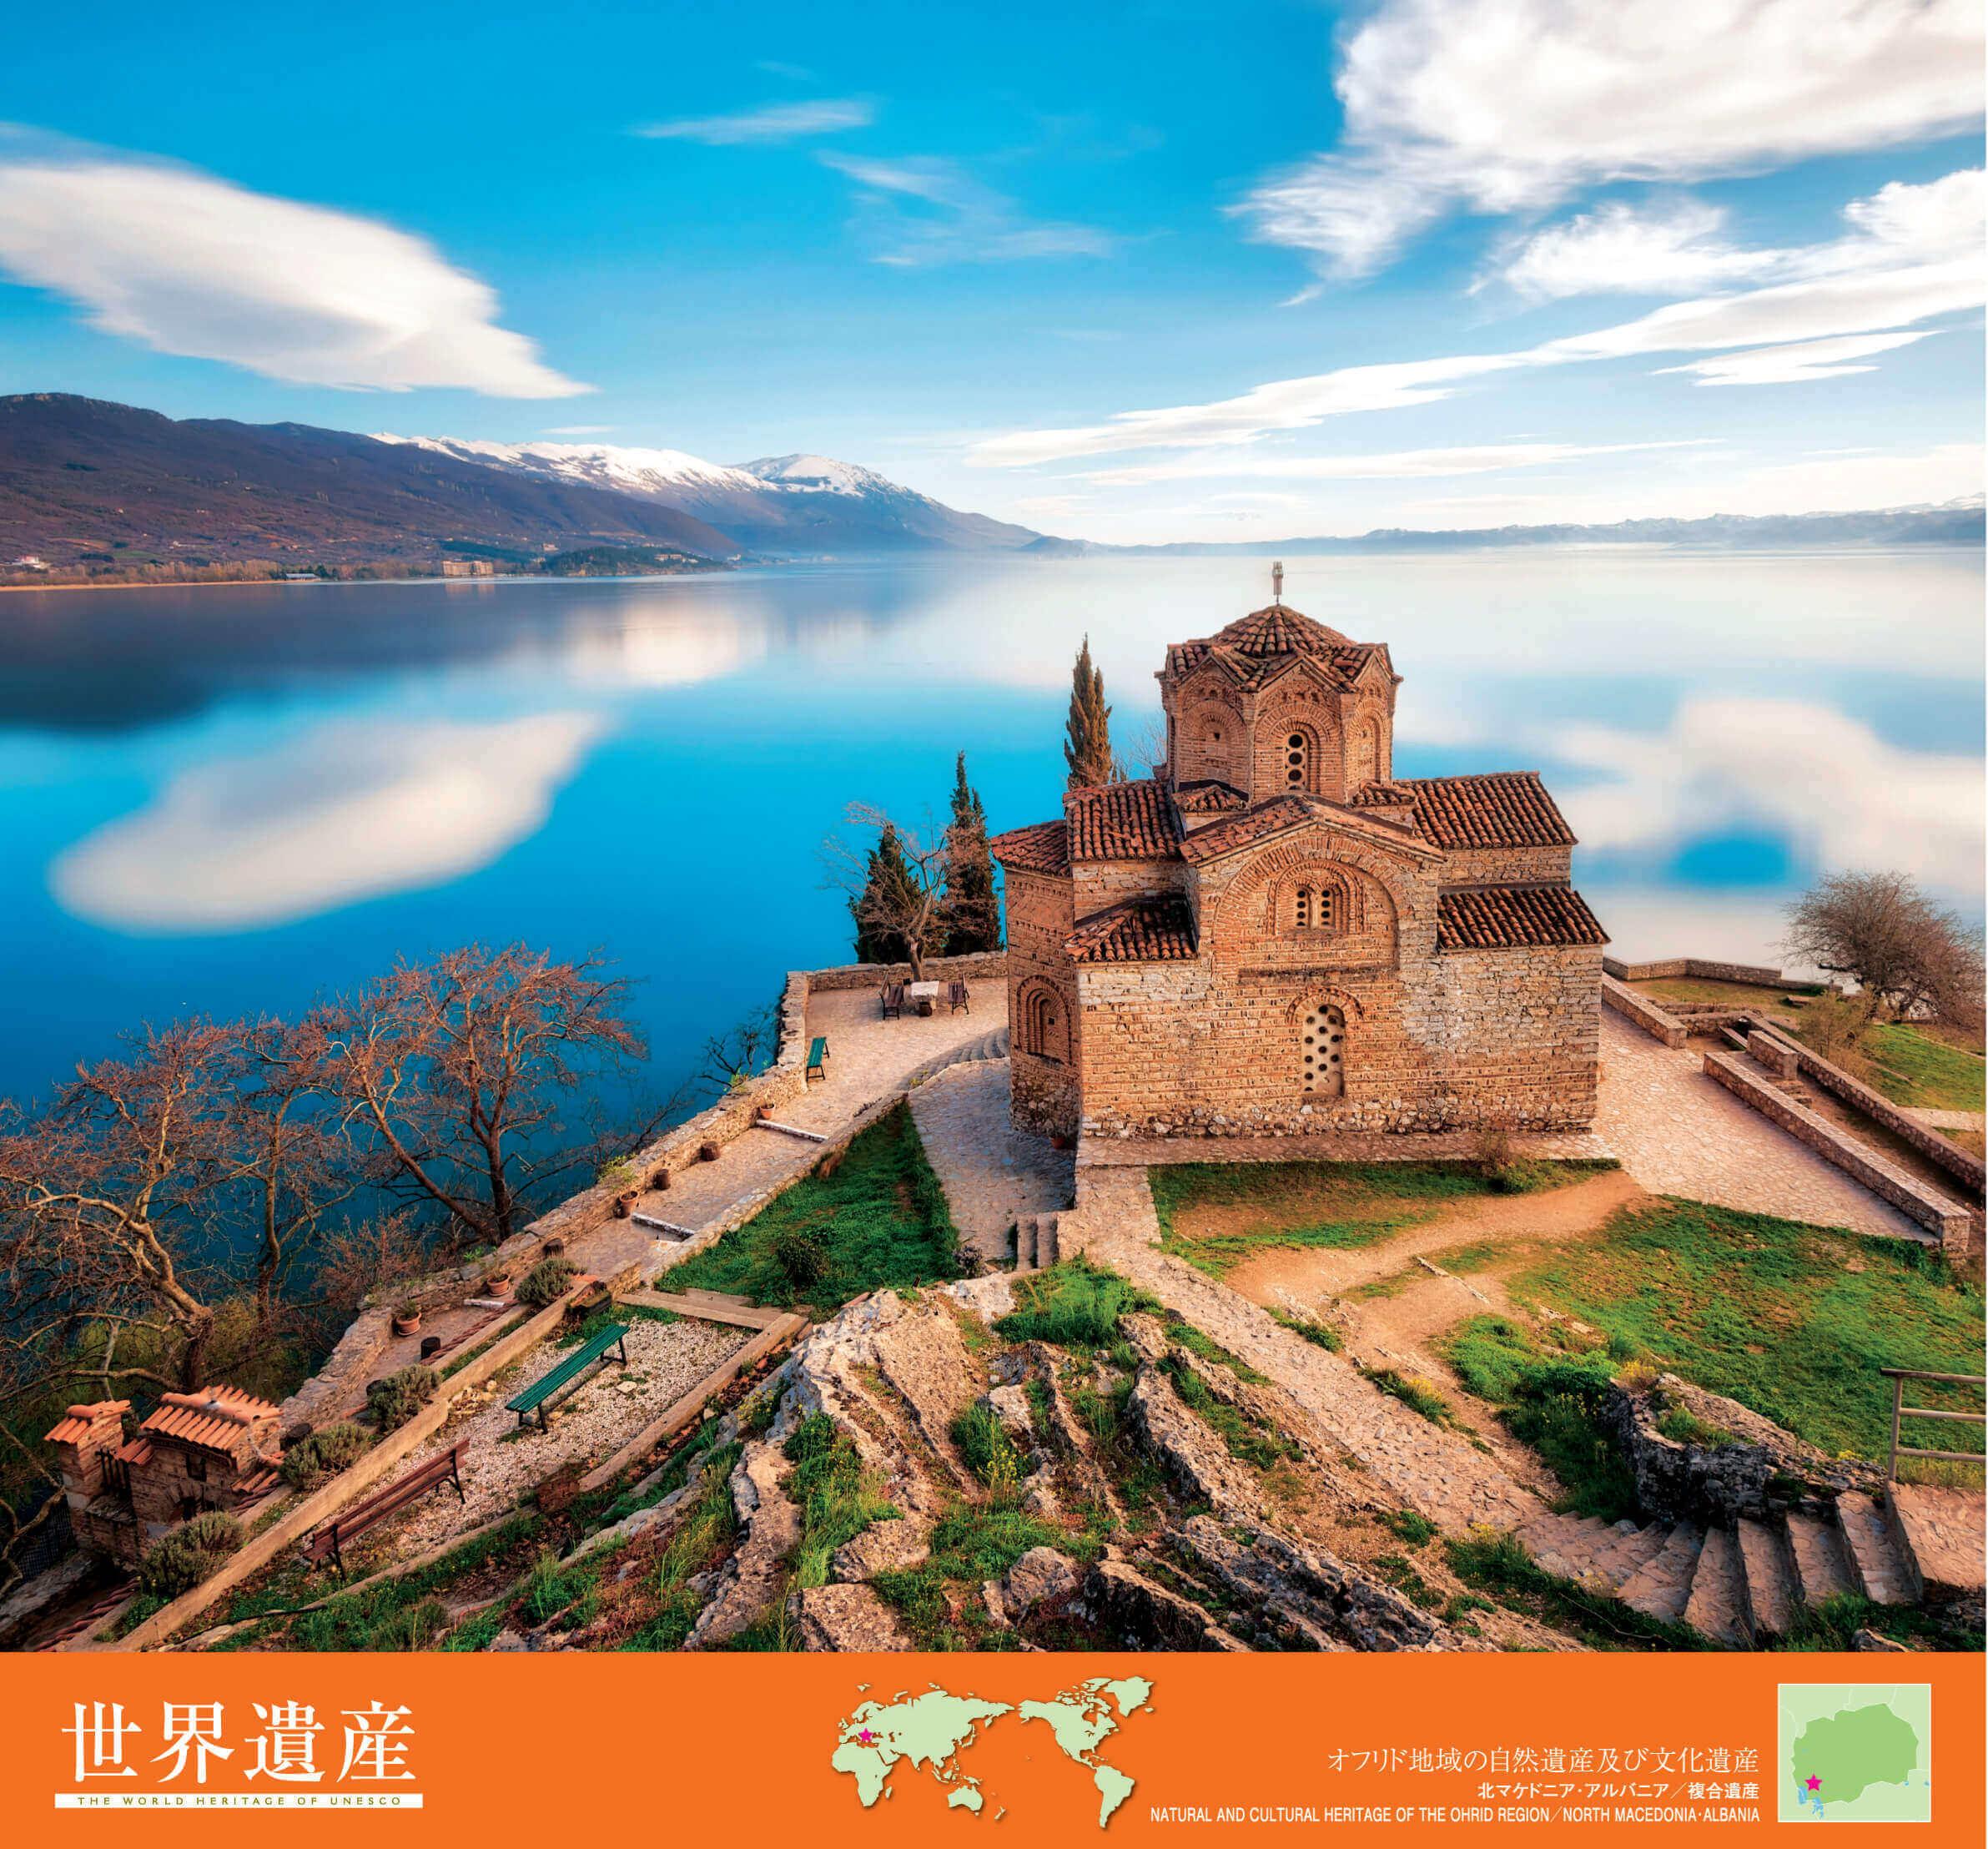 9-10月 オフリド地域の自然・文化遺産 北マケドニア・アルバニア ユネスコ世界遺産(フィルムカレンダー) 2022年カレンダーの画像